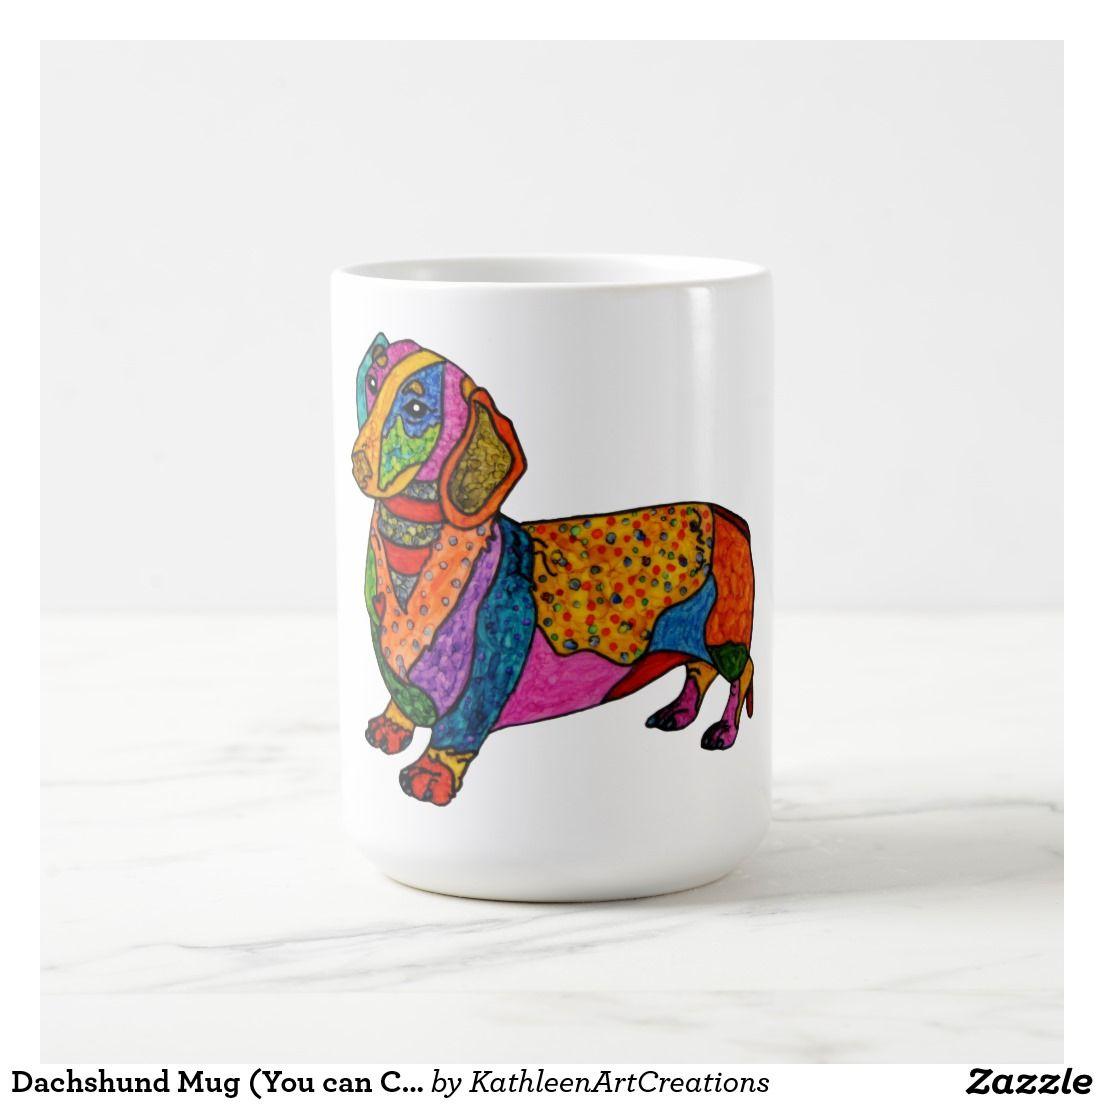 Sentimental Wedding Gift Ideas: Dachshund Mug (You Can Customize)